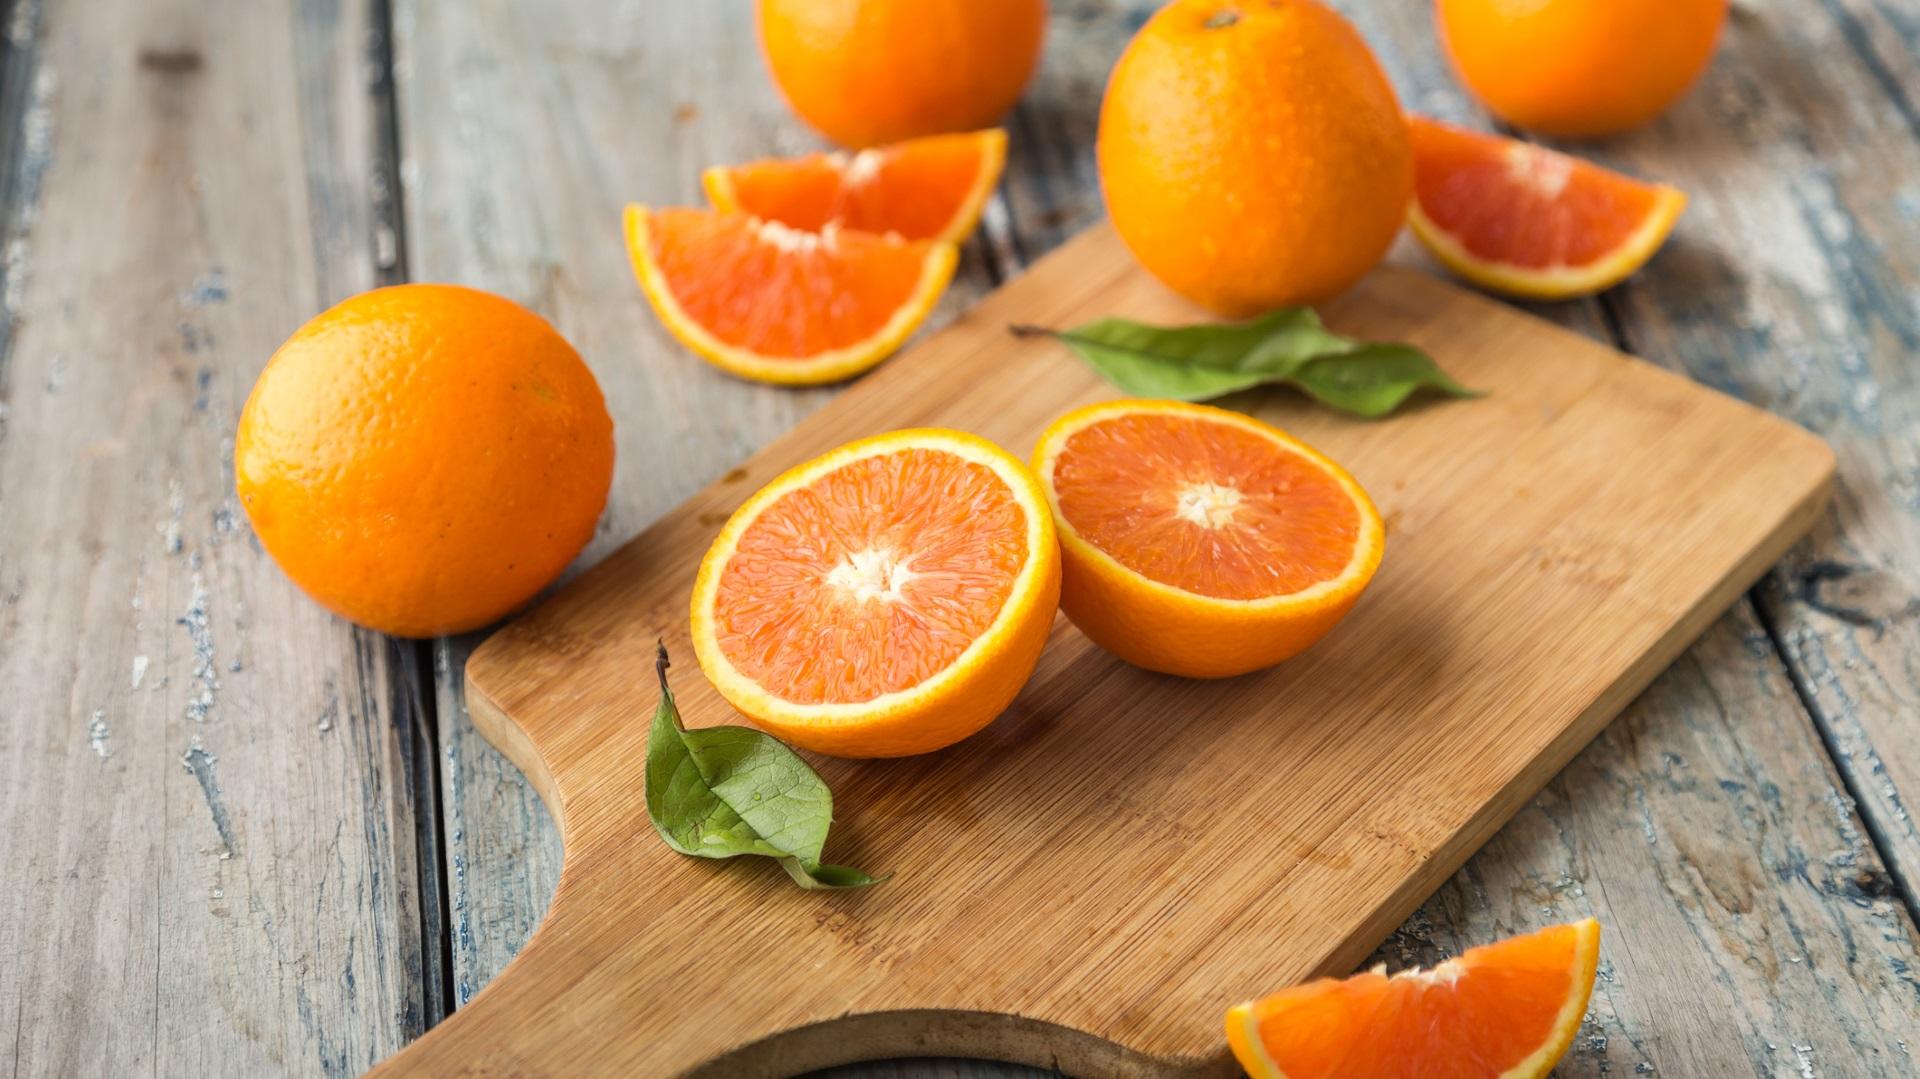 <p><strong>Портокали</strong></p>  <p>Витамин С, калий и поддържащата имунитета фолиева киселина &ndash; това ни дават тези цитрусови плодове покрай фруктозата и свежия вкус. За да не се губят ценни фибри, по-добре е портокалът да се консумира не под формата на сок, а като плод.</p>